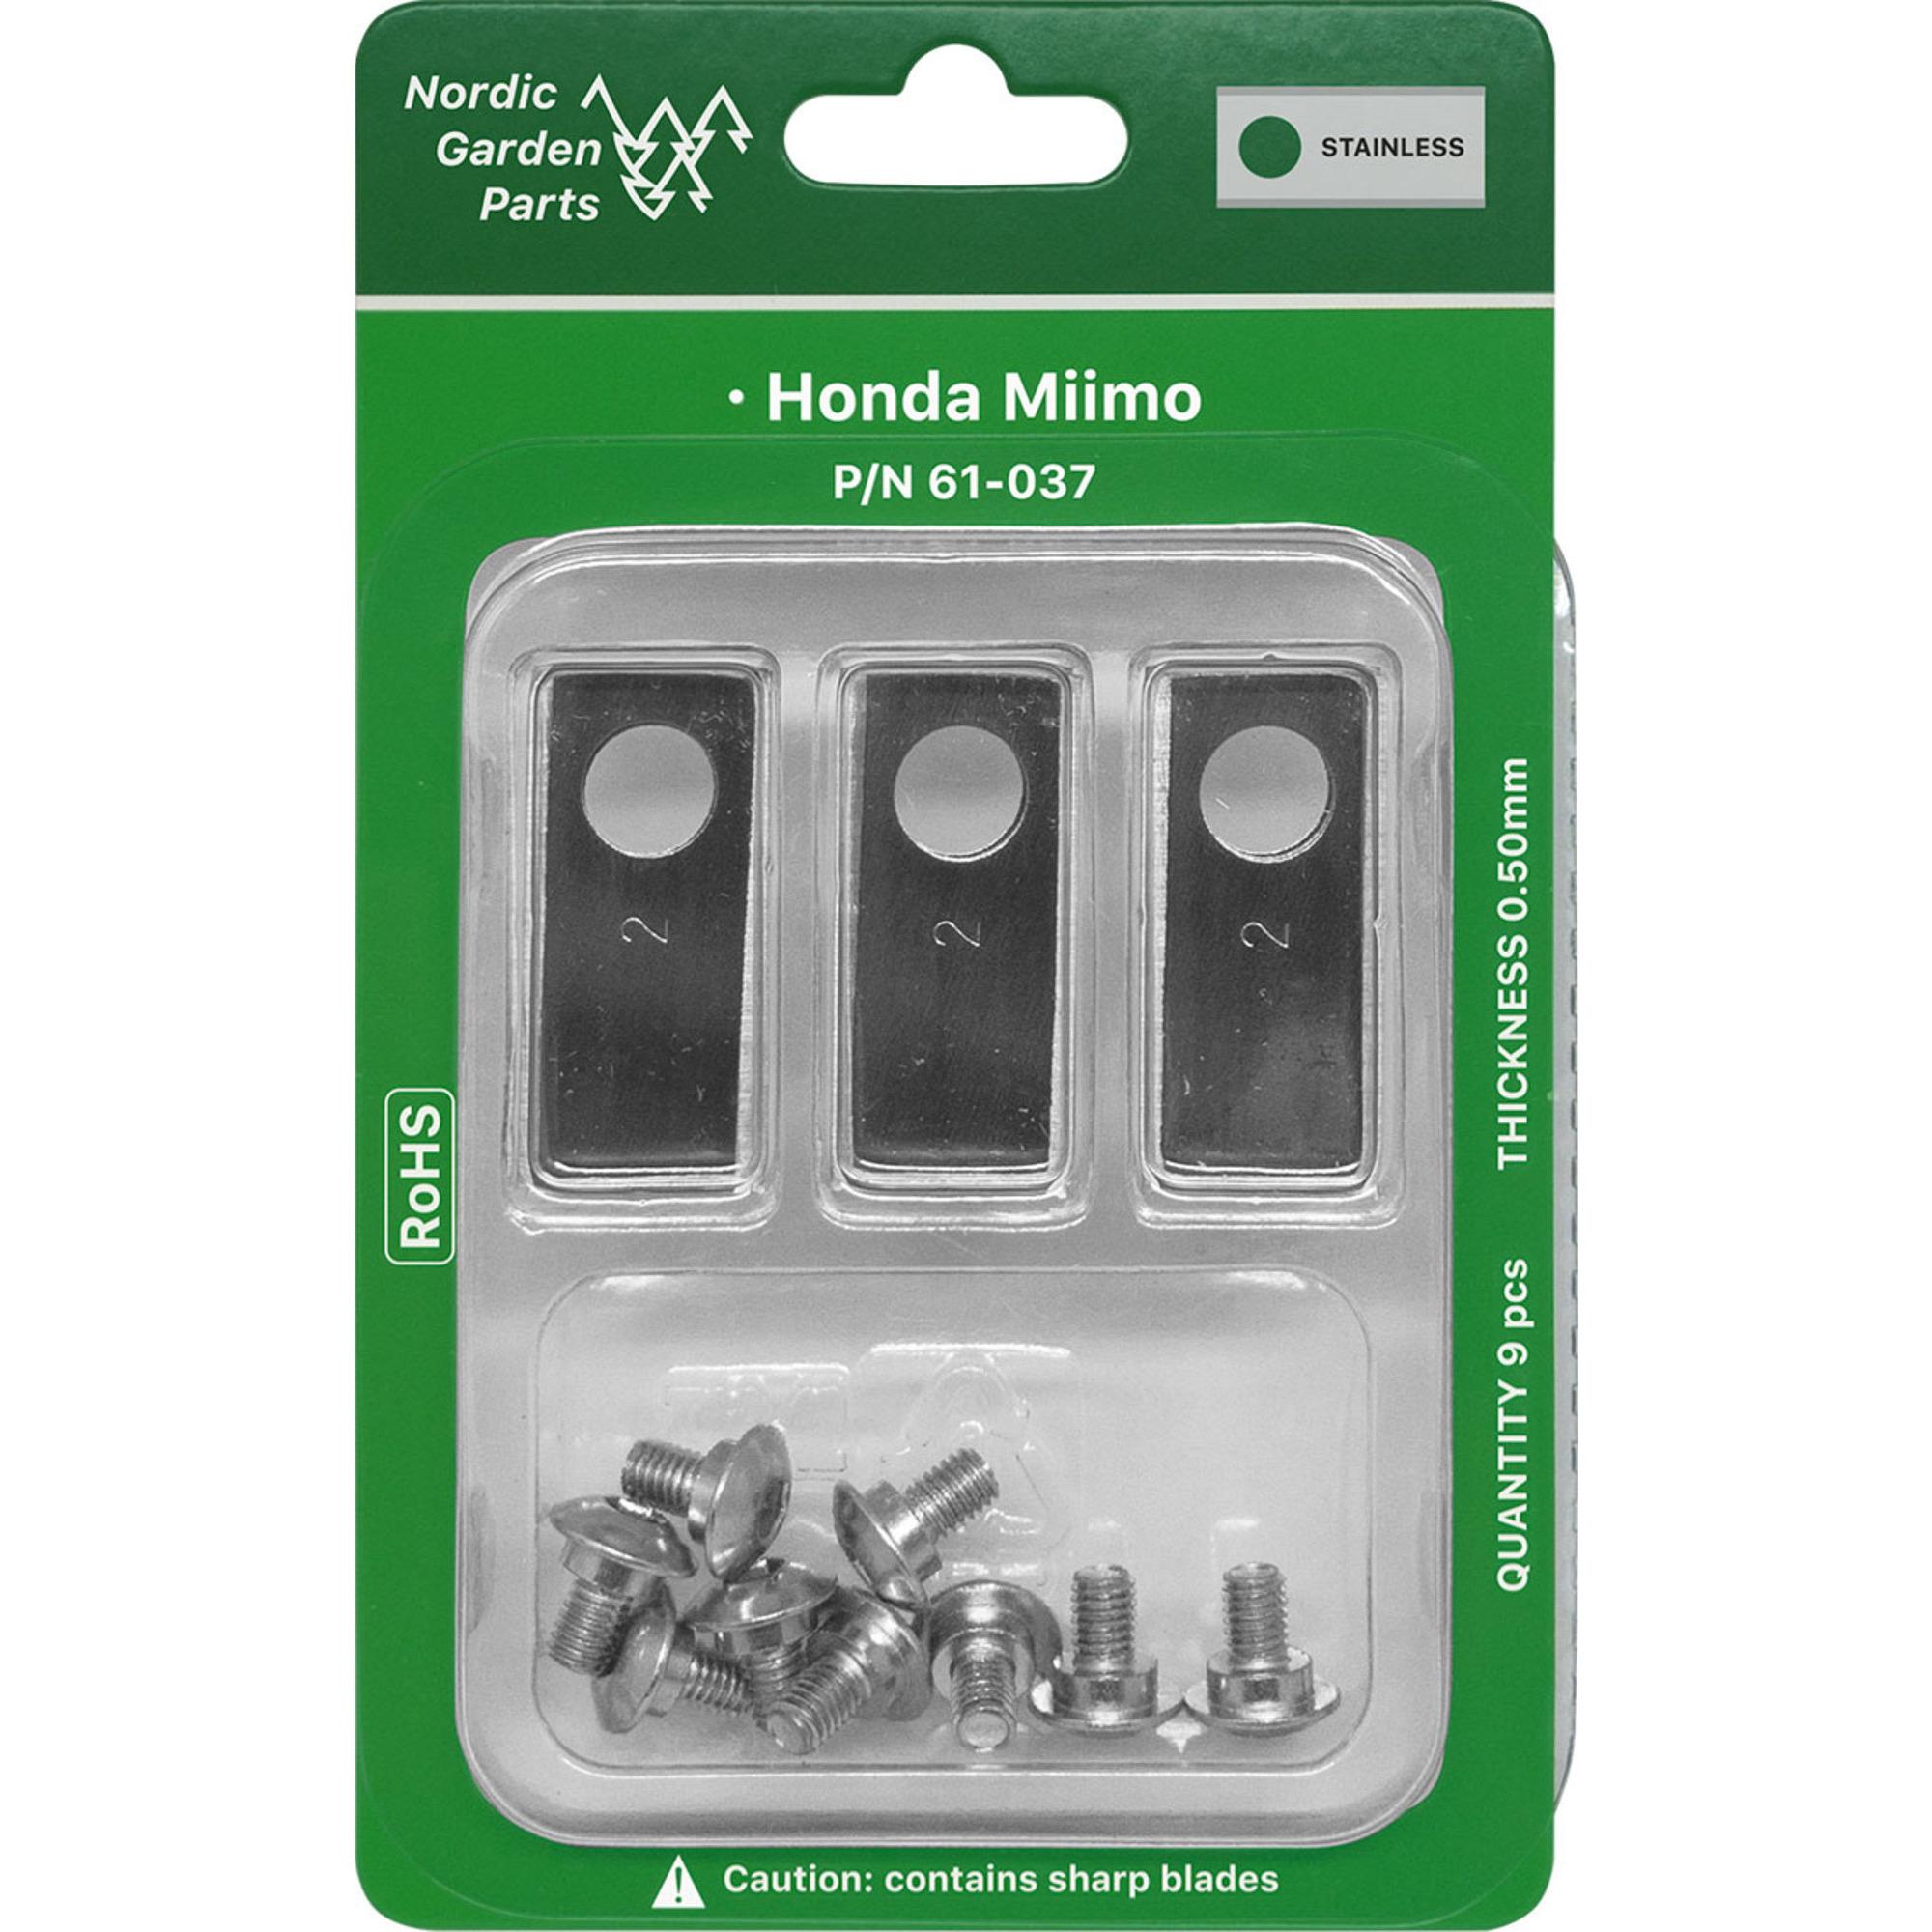 Nordic Garden Parts Knivar till Honda Miimo robotgräsklippare